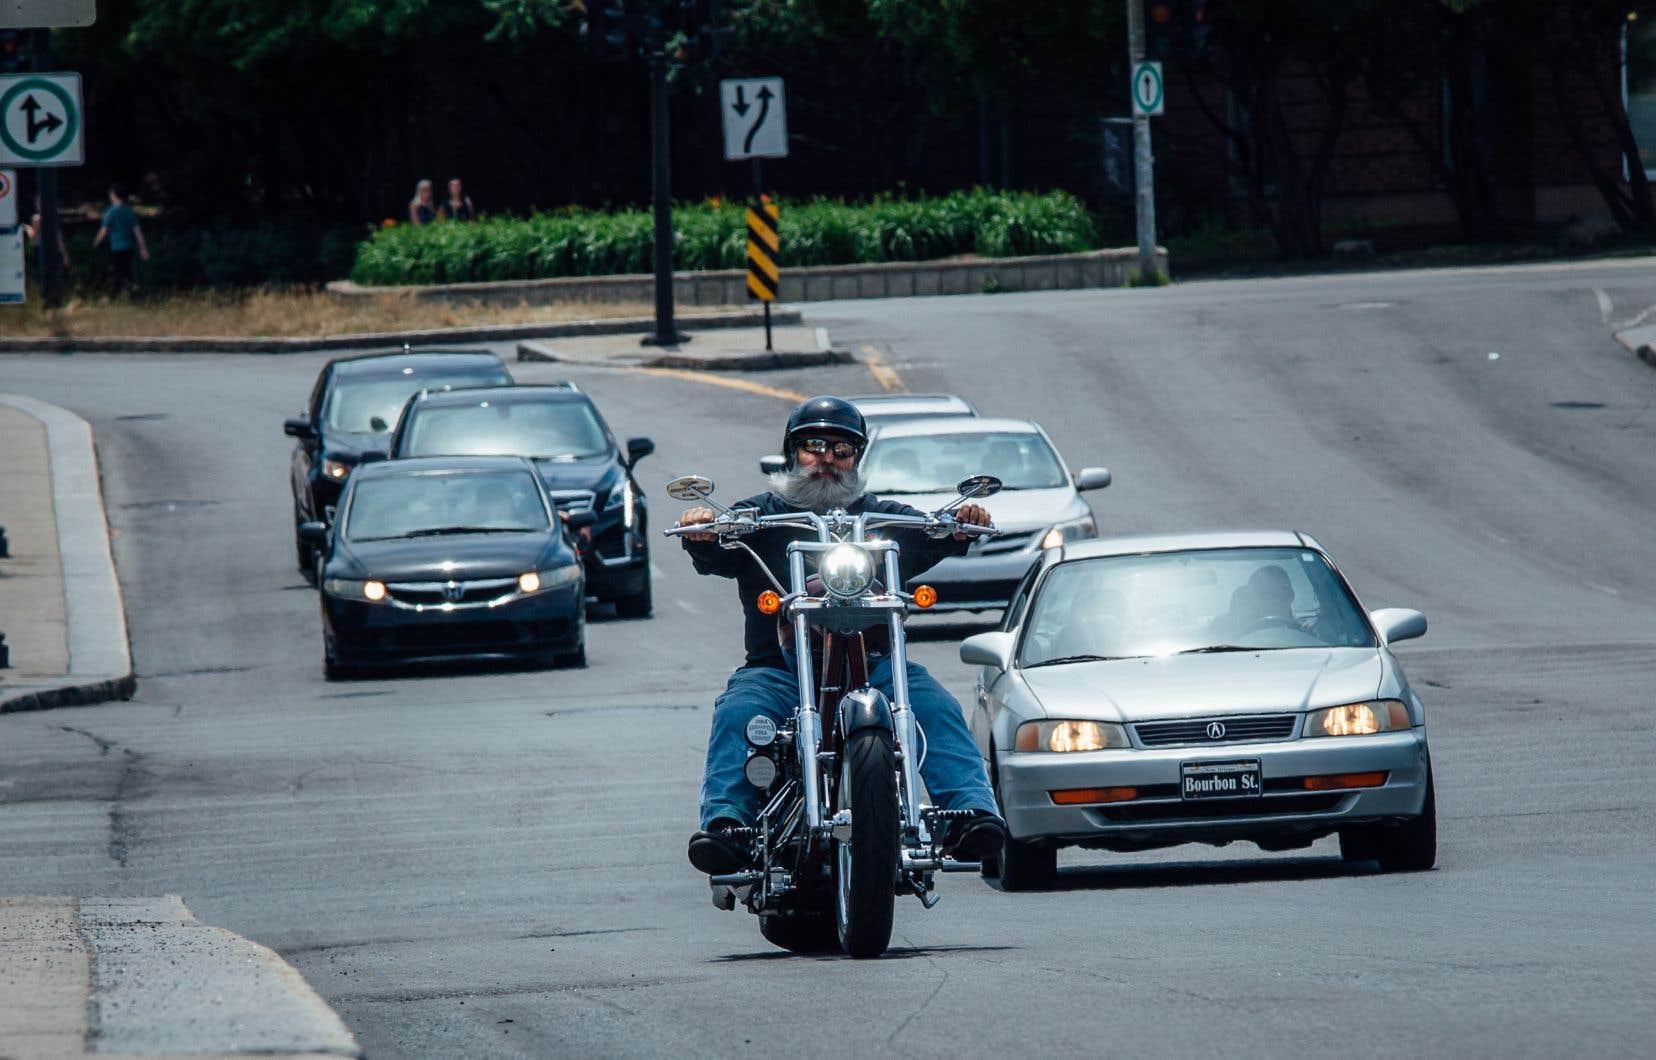 Au Québec, la limite de son permise est de 100 décibels, pour les voitures comme pour les motos.